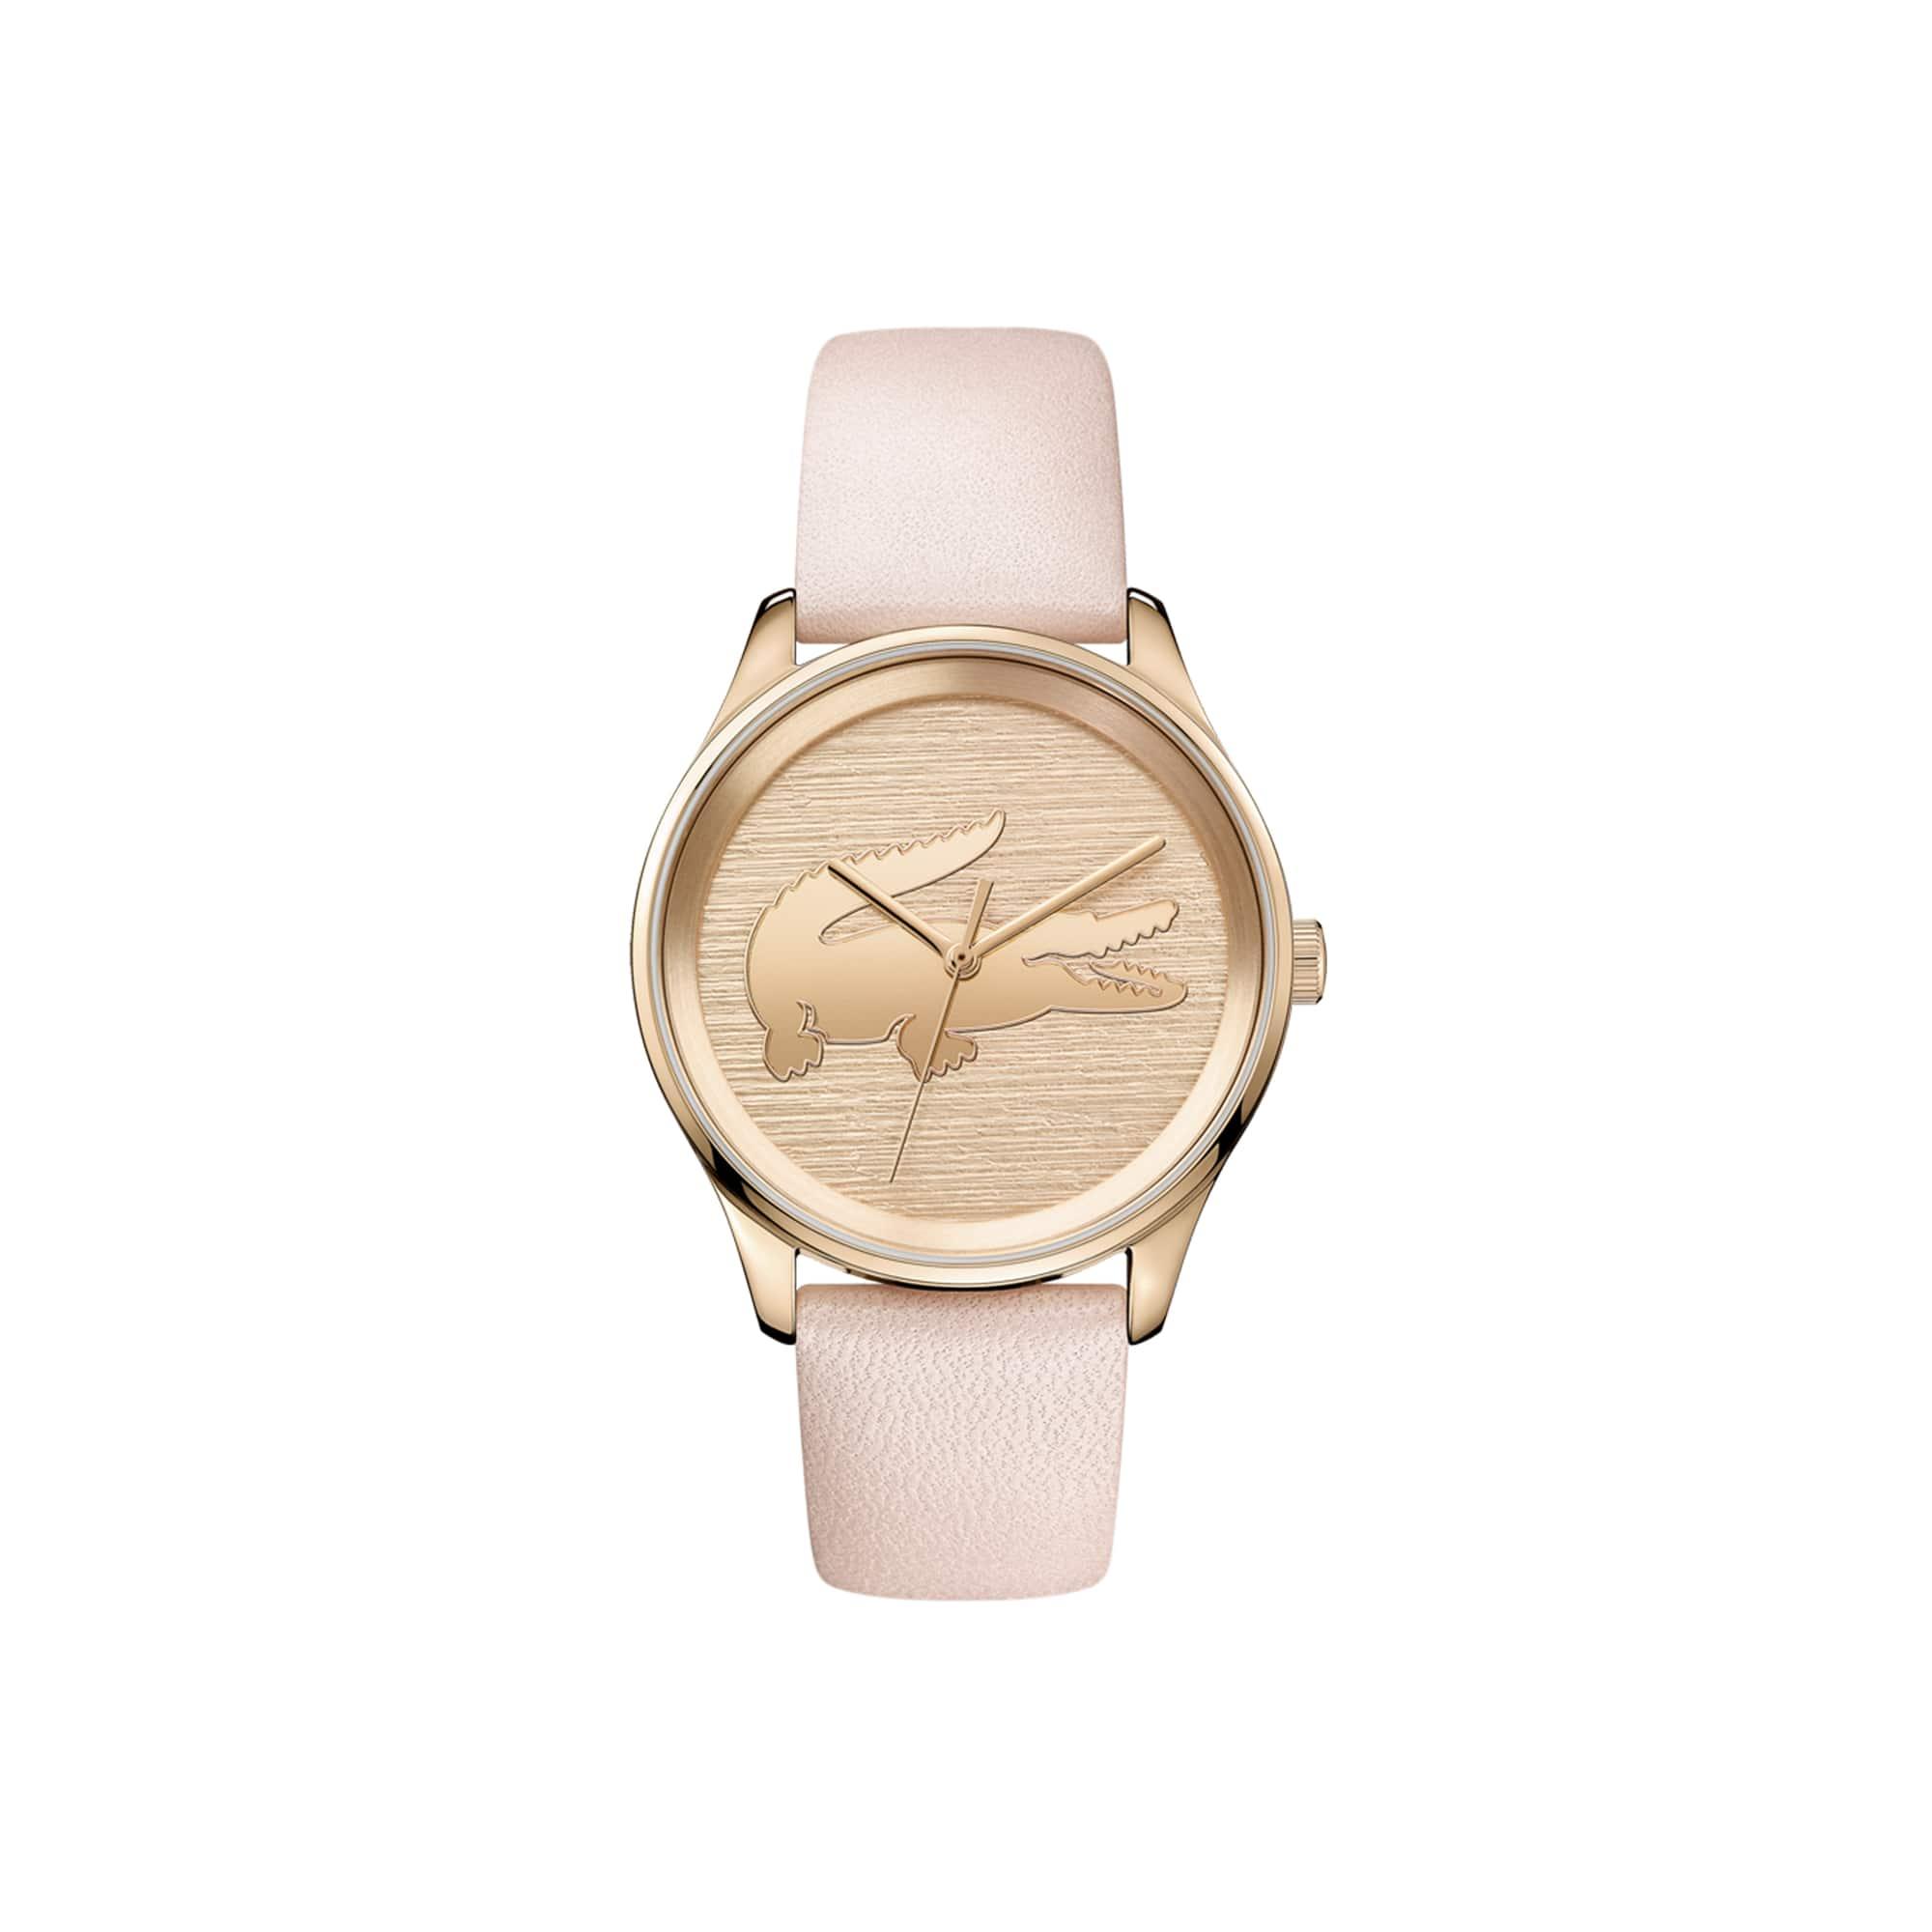 Relógio Valencia Senhora com Bracelete em Couro Rosa